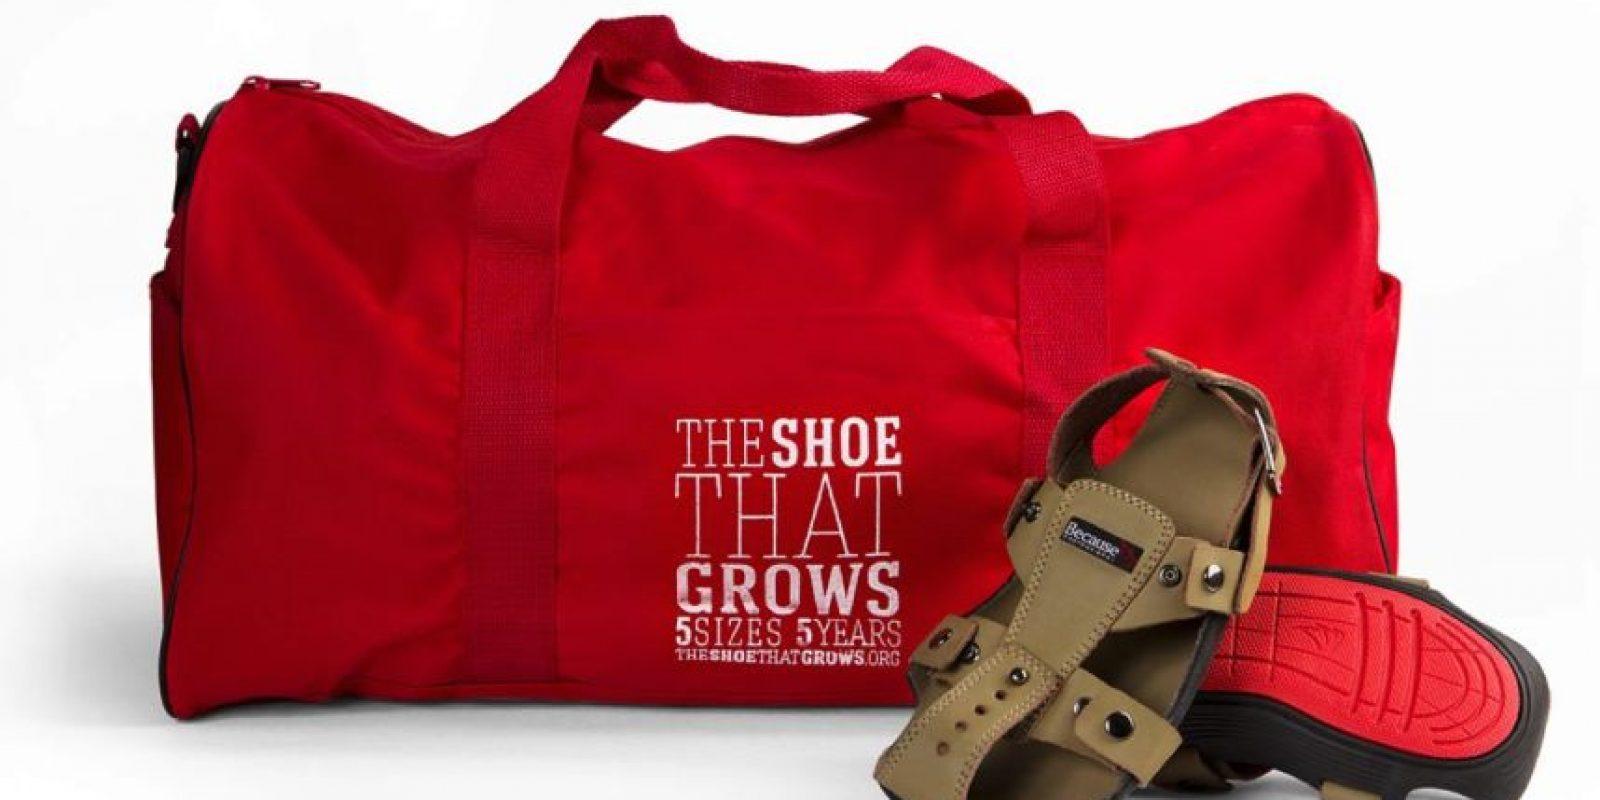 Un par cuesta 50 dólares. Cada vez que la organización vende un par dona dos pares a los niños necesitados. Foto:Vía Facebook.com/TheShoeThatGrows